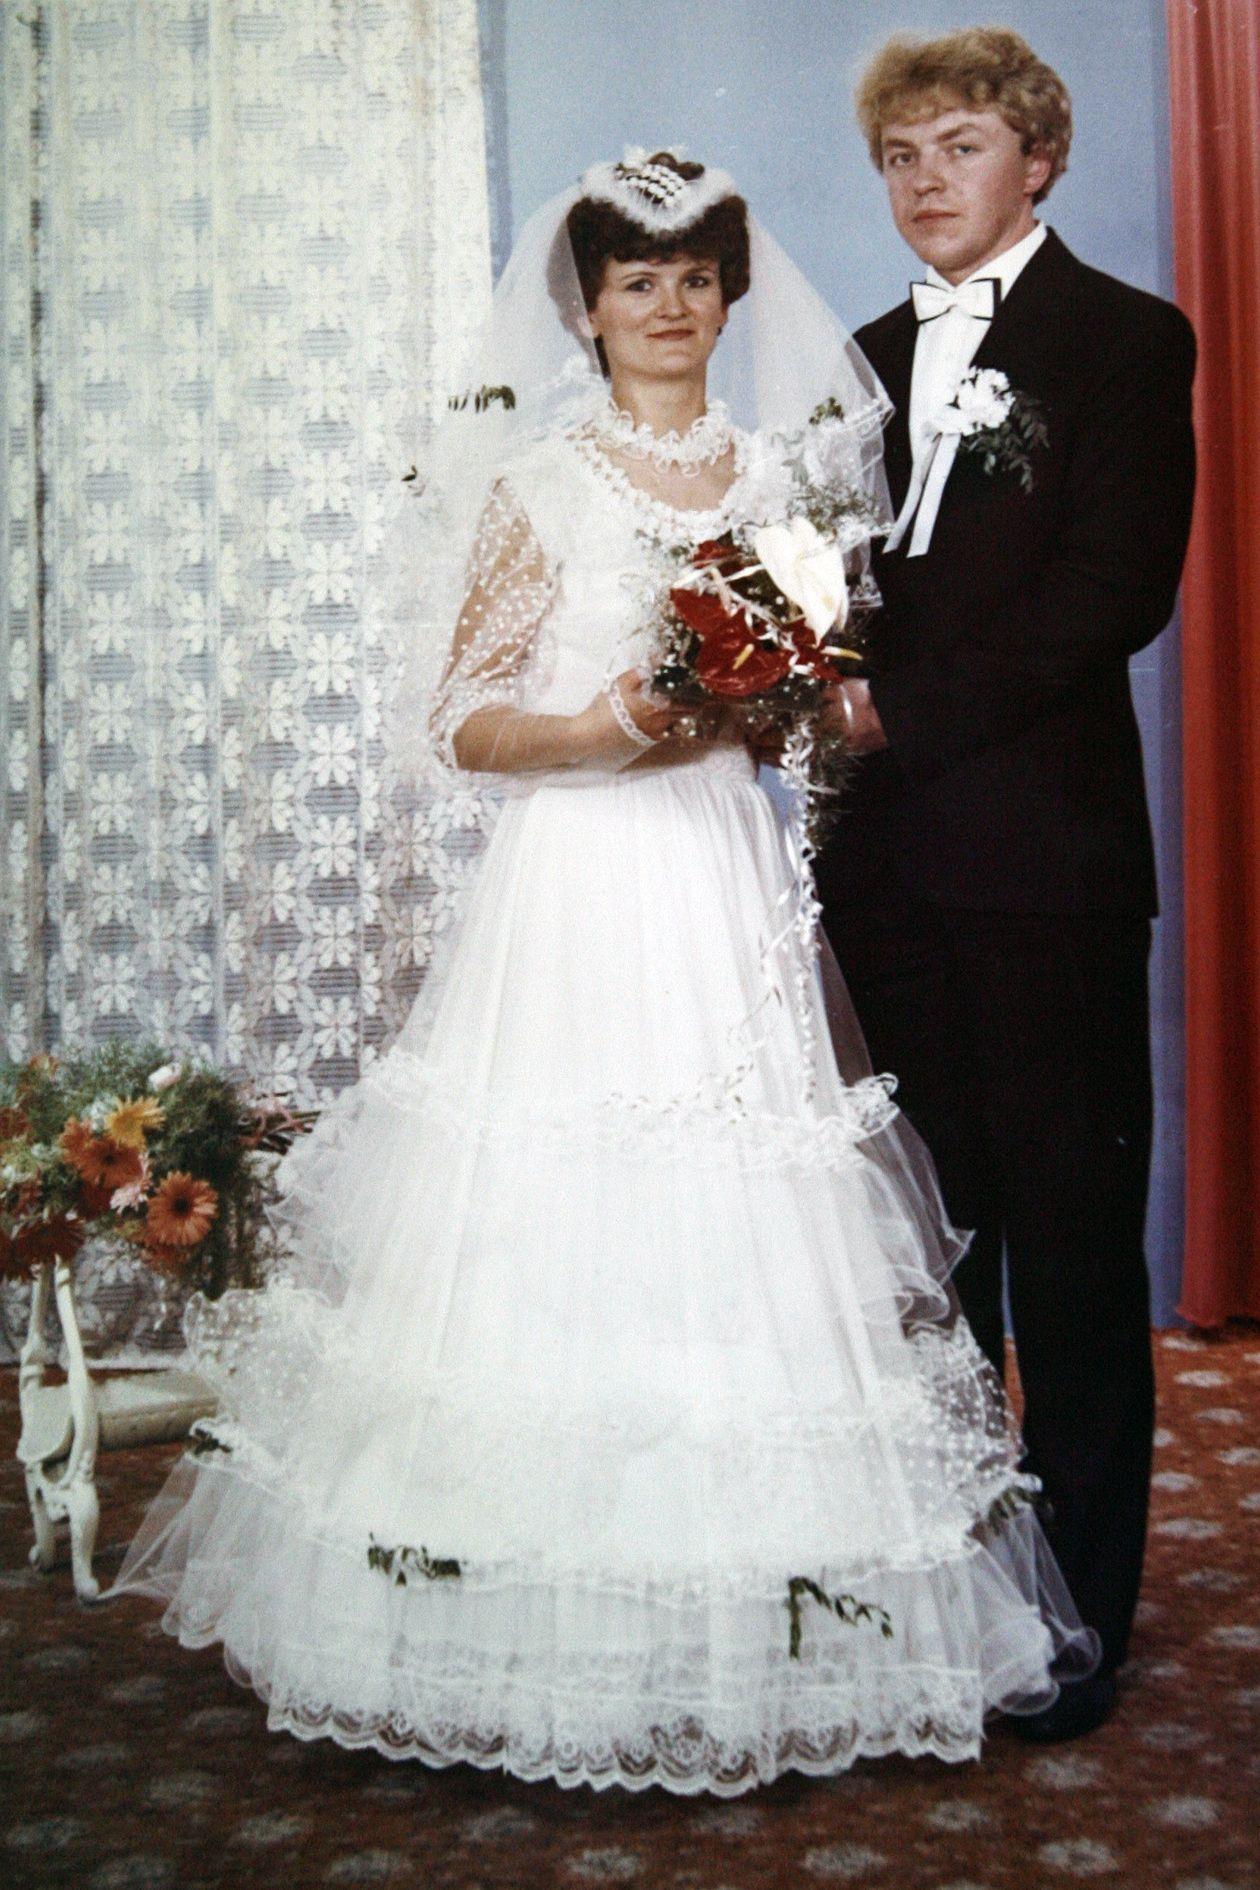 Poznajecie To Zbigniew Chlebowski Na Slubnym Kobiercu Z Zona Jolanta Flower Girl Dresses Flower Girl Wedding Dresses